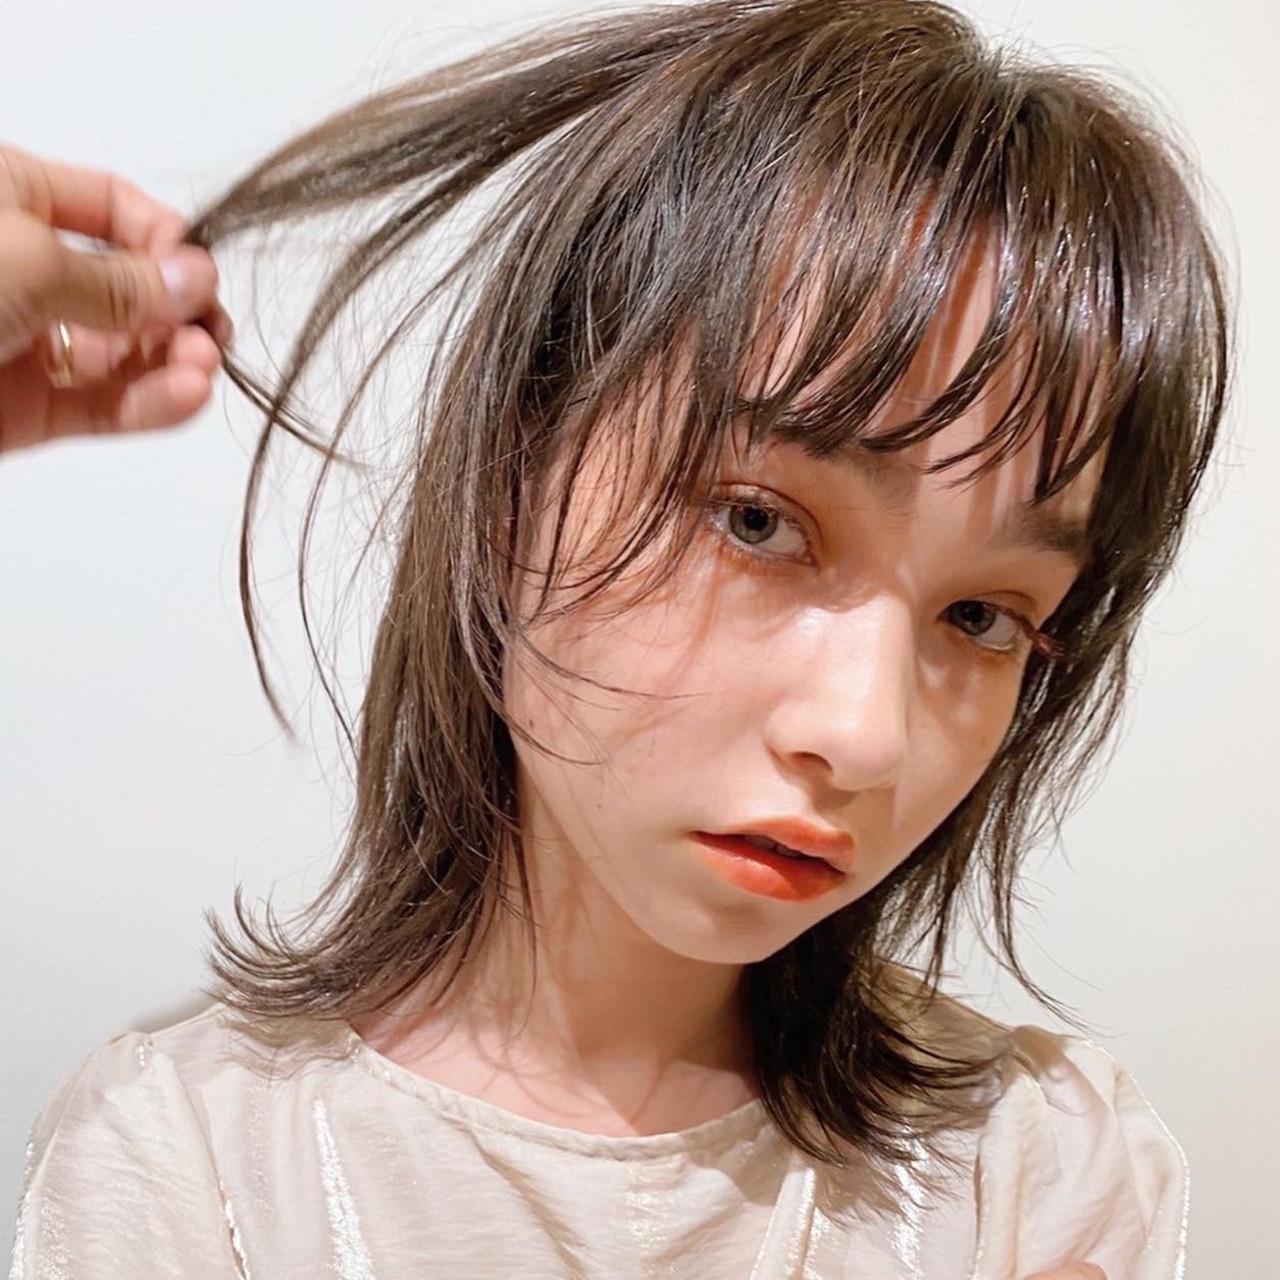 ナチュラル 前髪 ウルフカット 大人かわいい ヘアスタイルや髪型の写真・画像